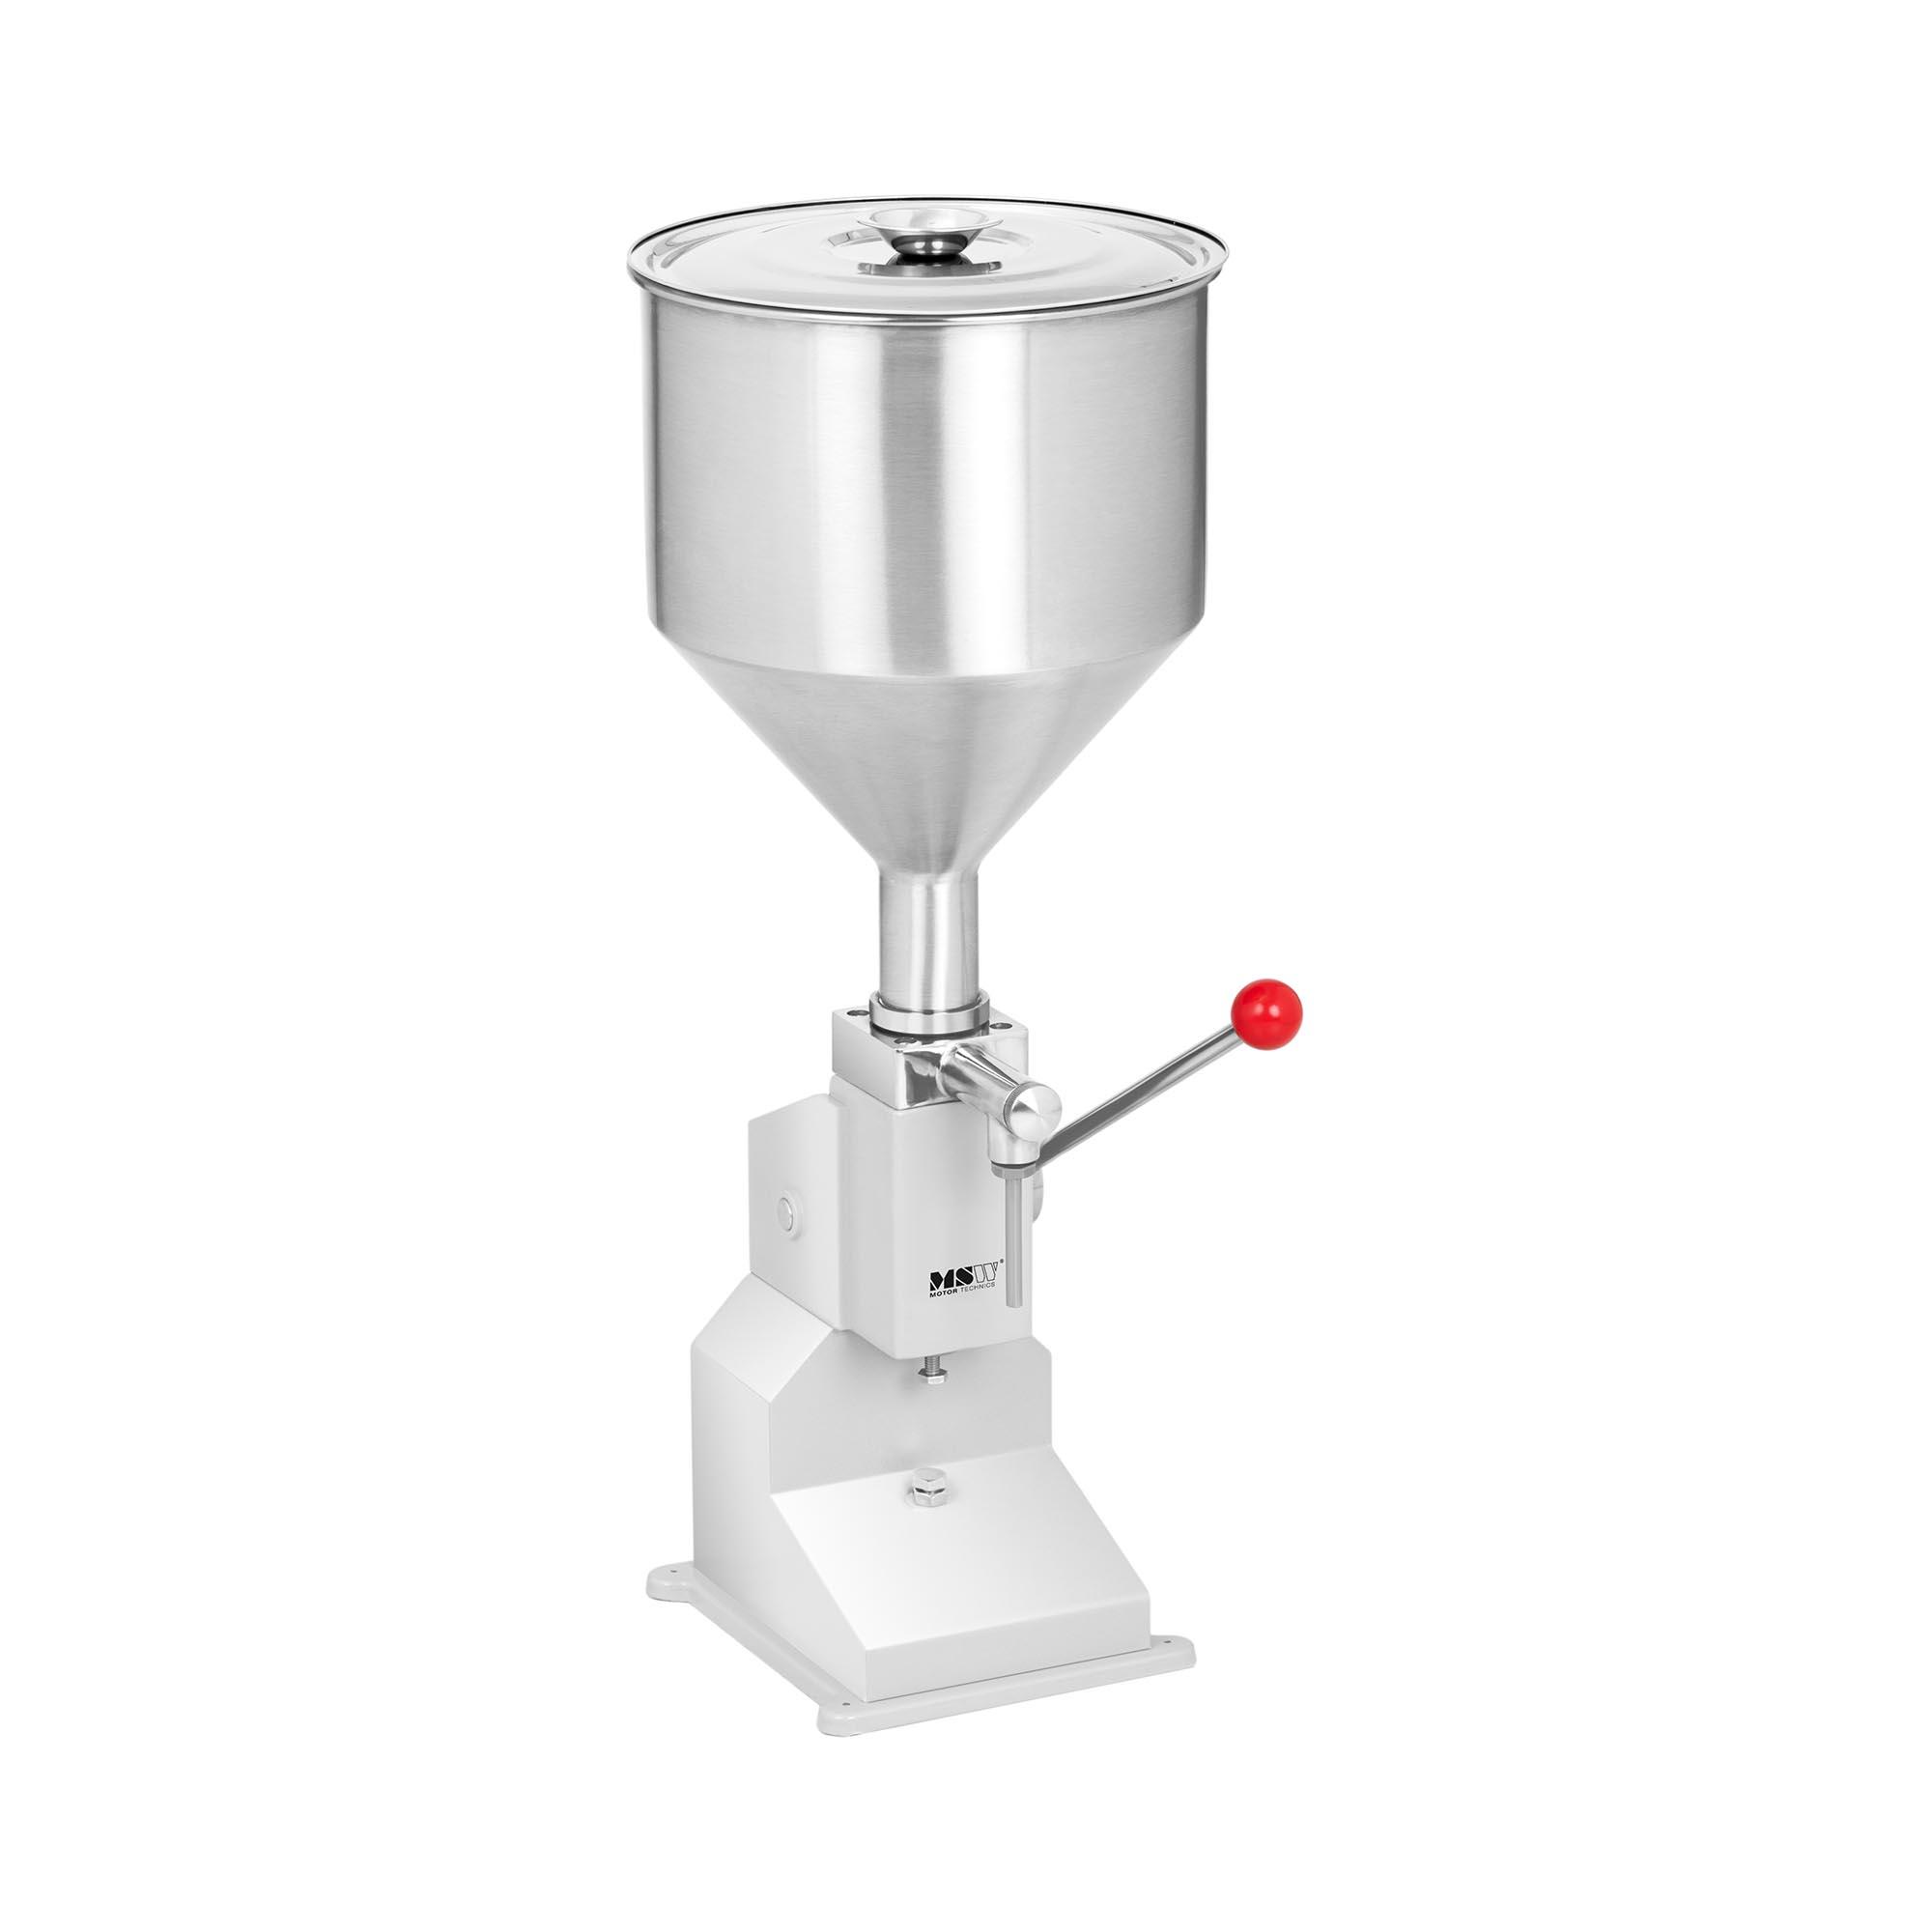 MSW Abfüllmaschine manuell - 50 ml 10061277